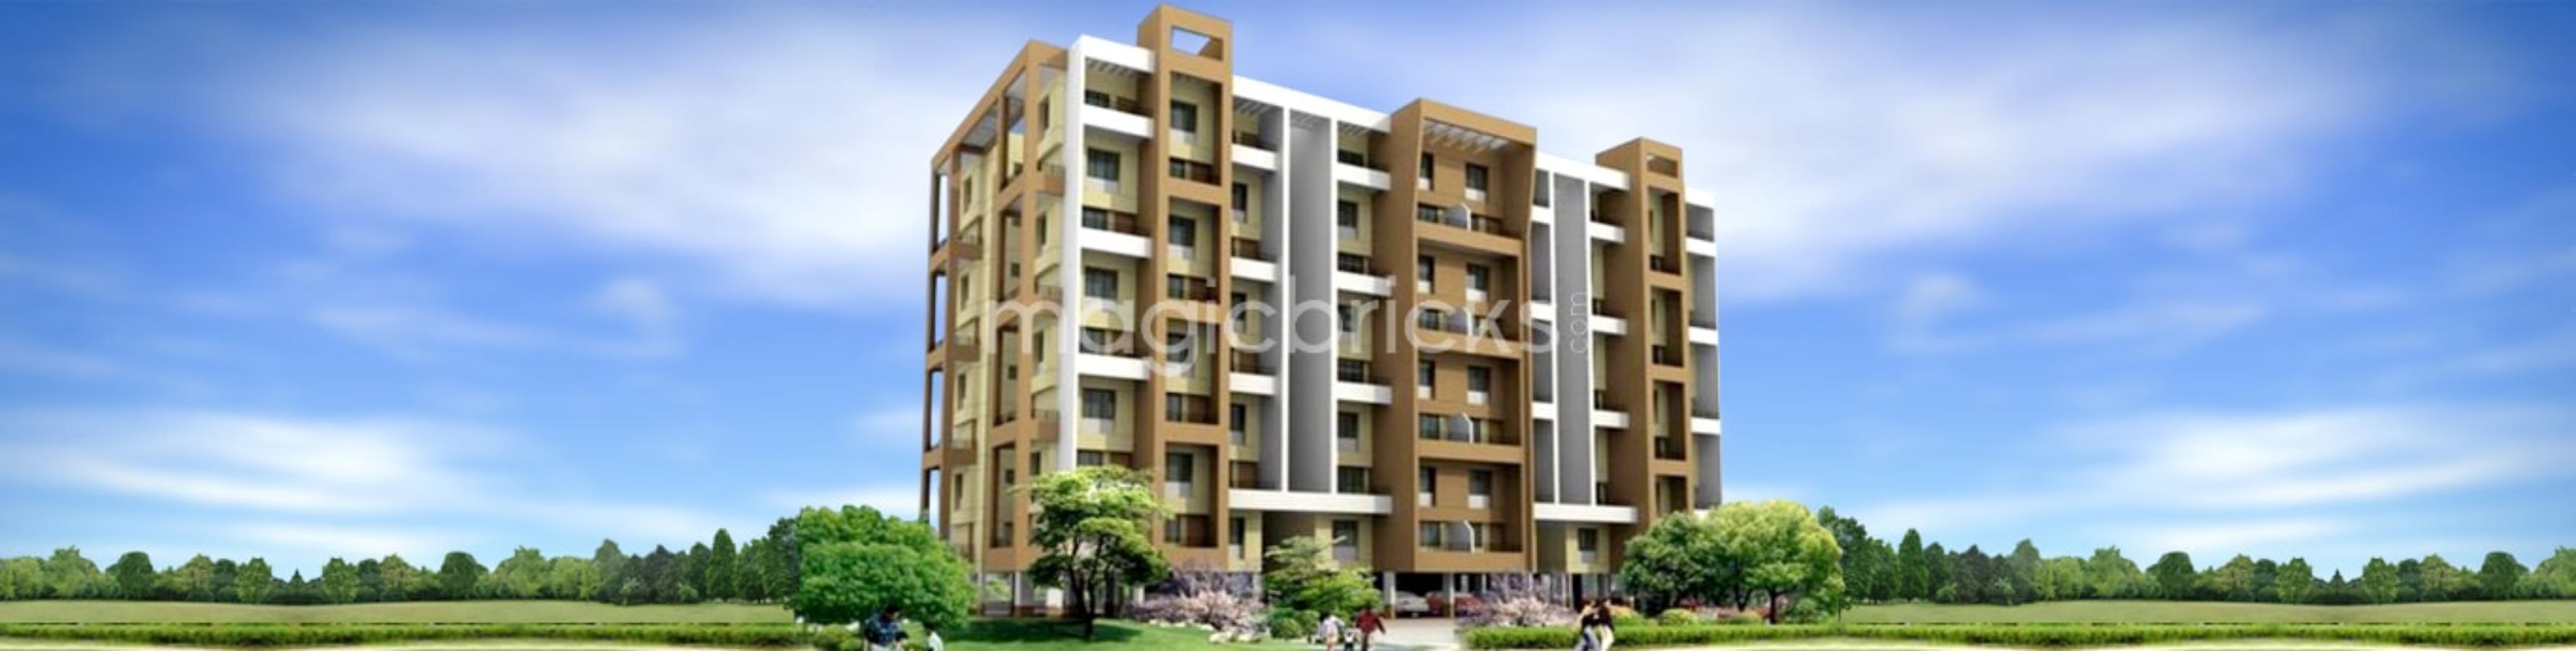 sunrise apartments in hadapsar pune by b k chavan builders pvt